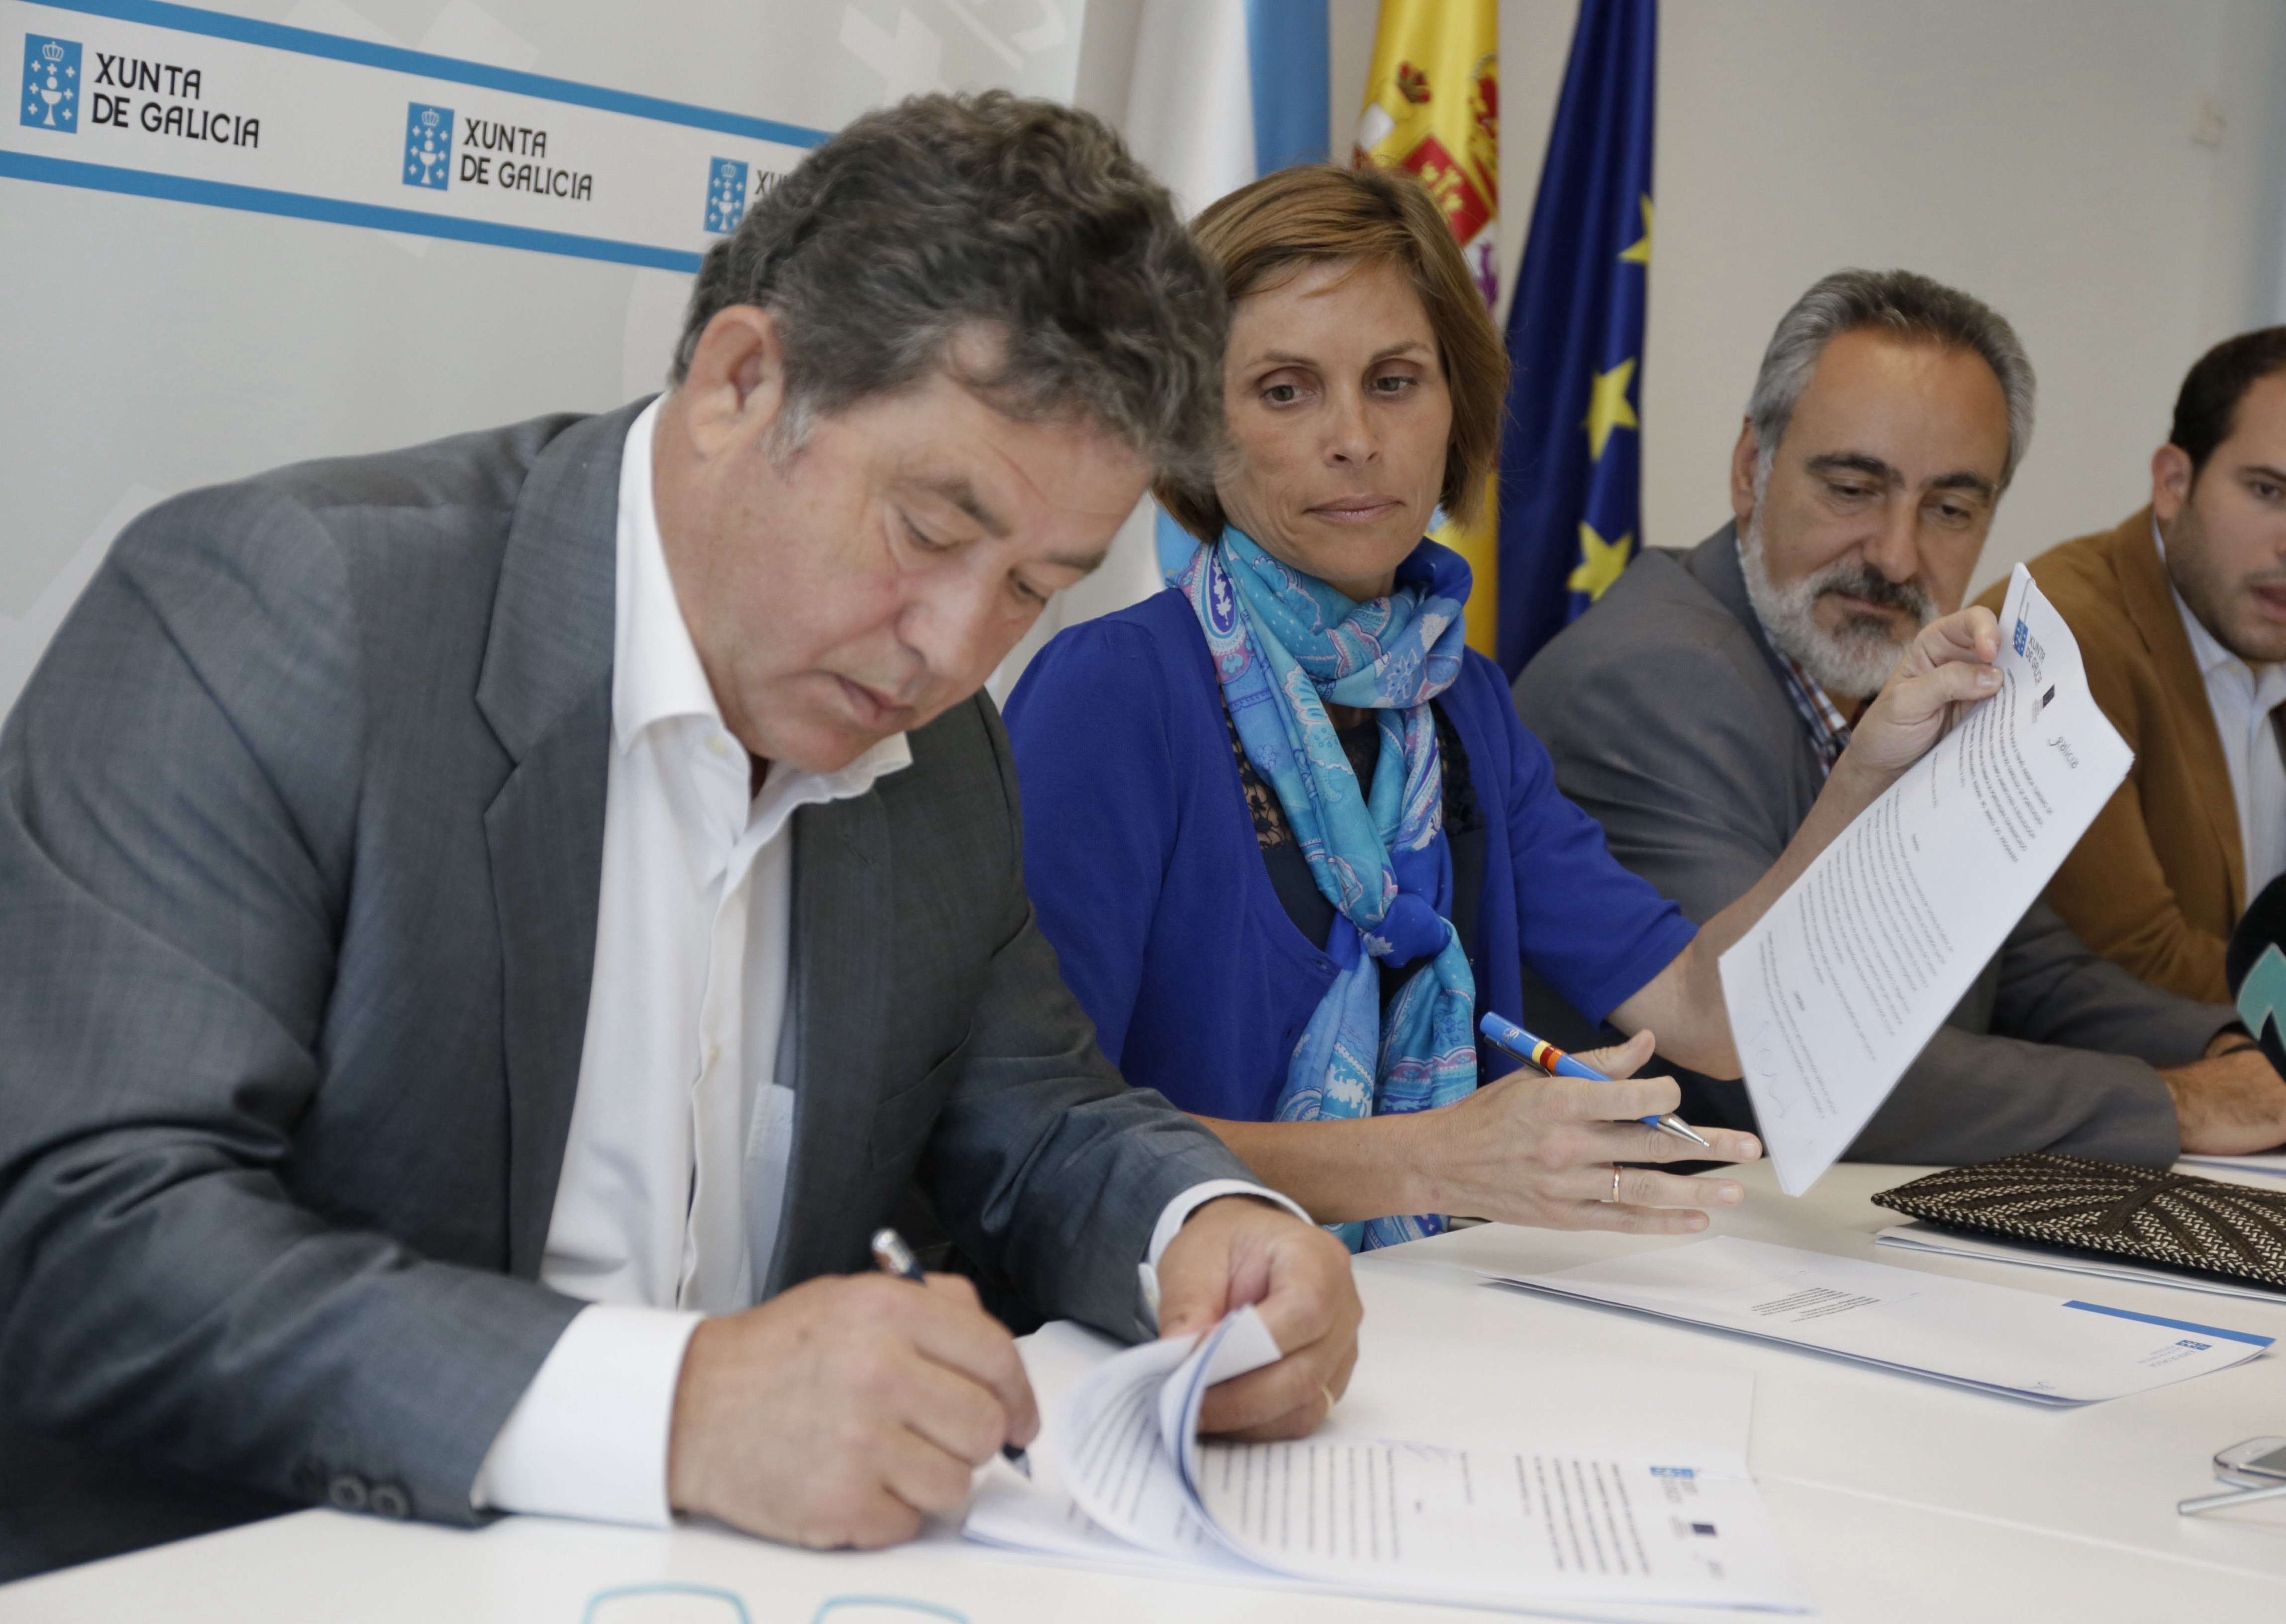 Turismo de Galicia aportará 60.000€ para la promoción de los recursos turísticos de Terras de Pontevedra